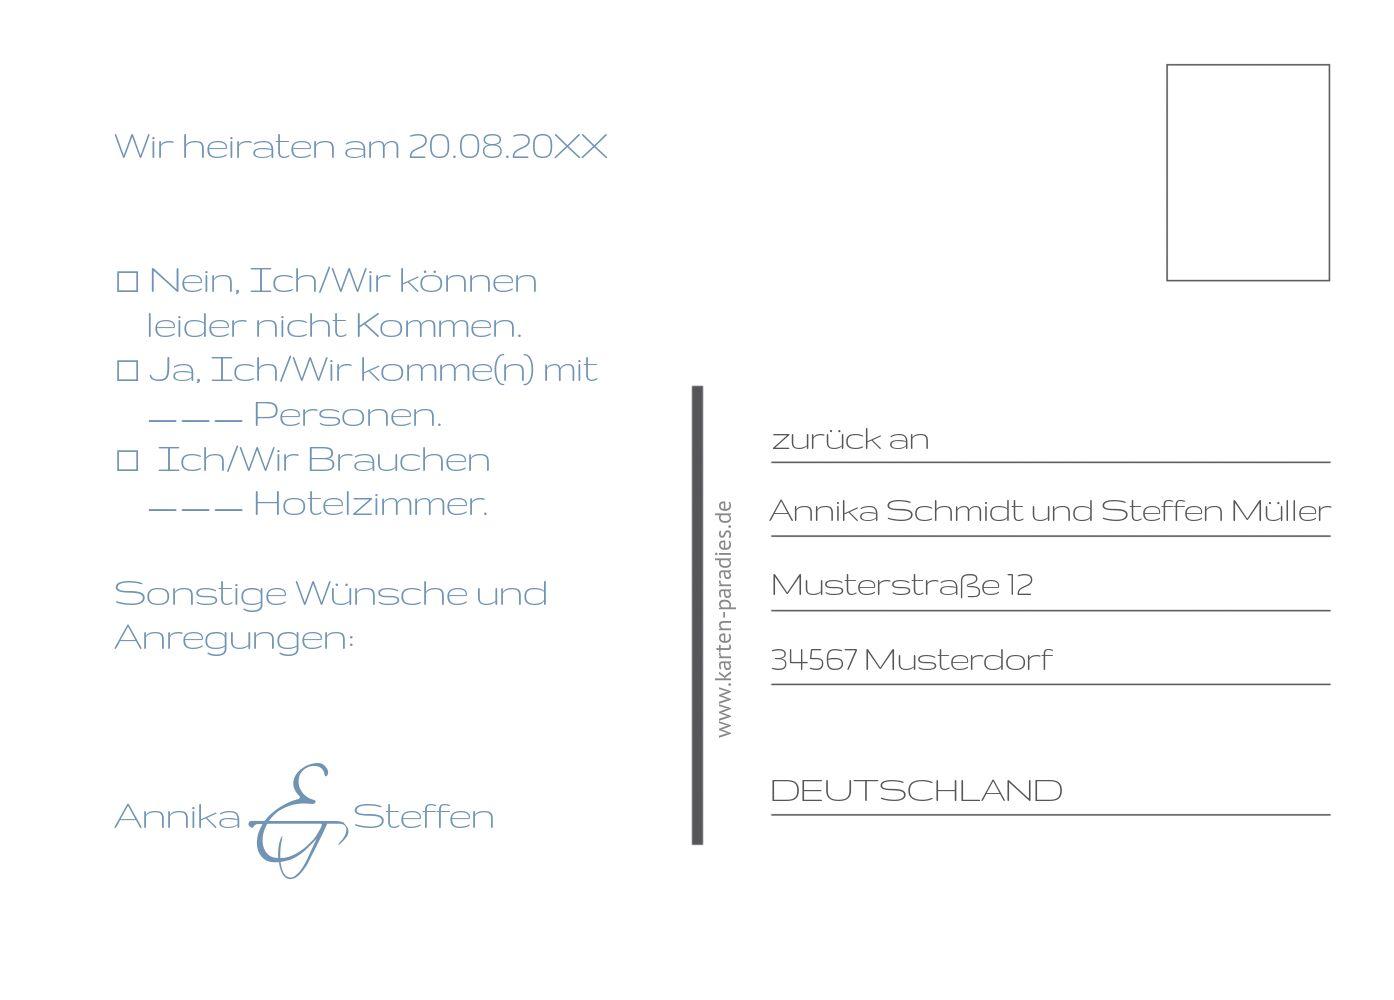 Ansicht 3 - Hochzeit Antwortkarte Sanft